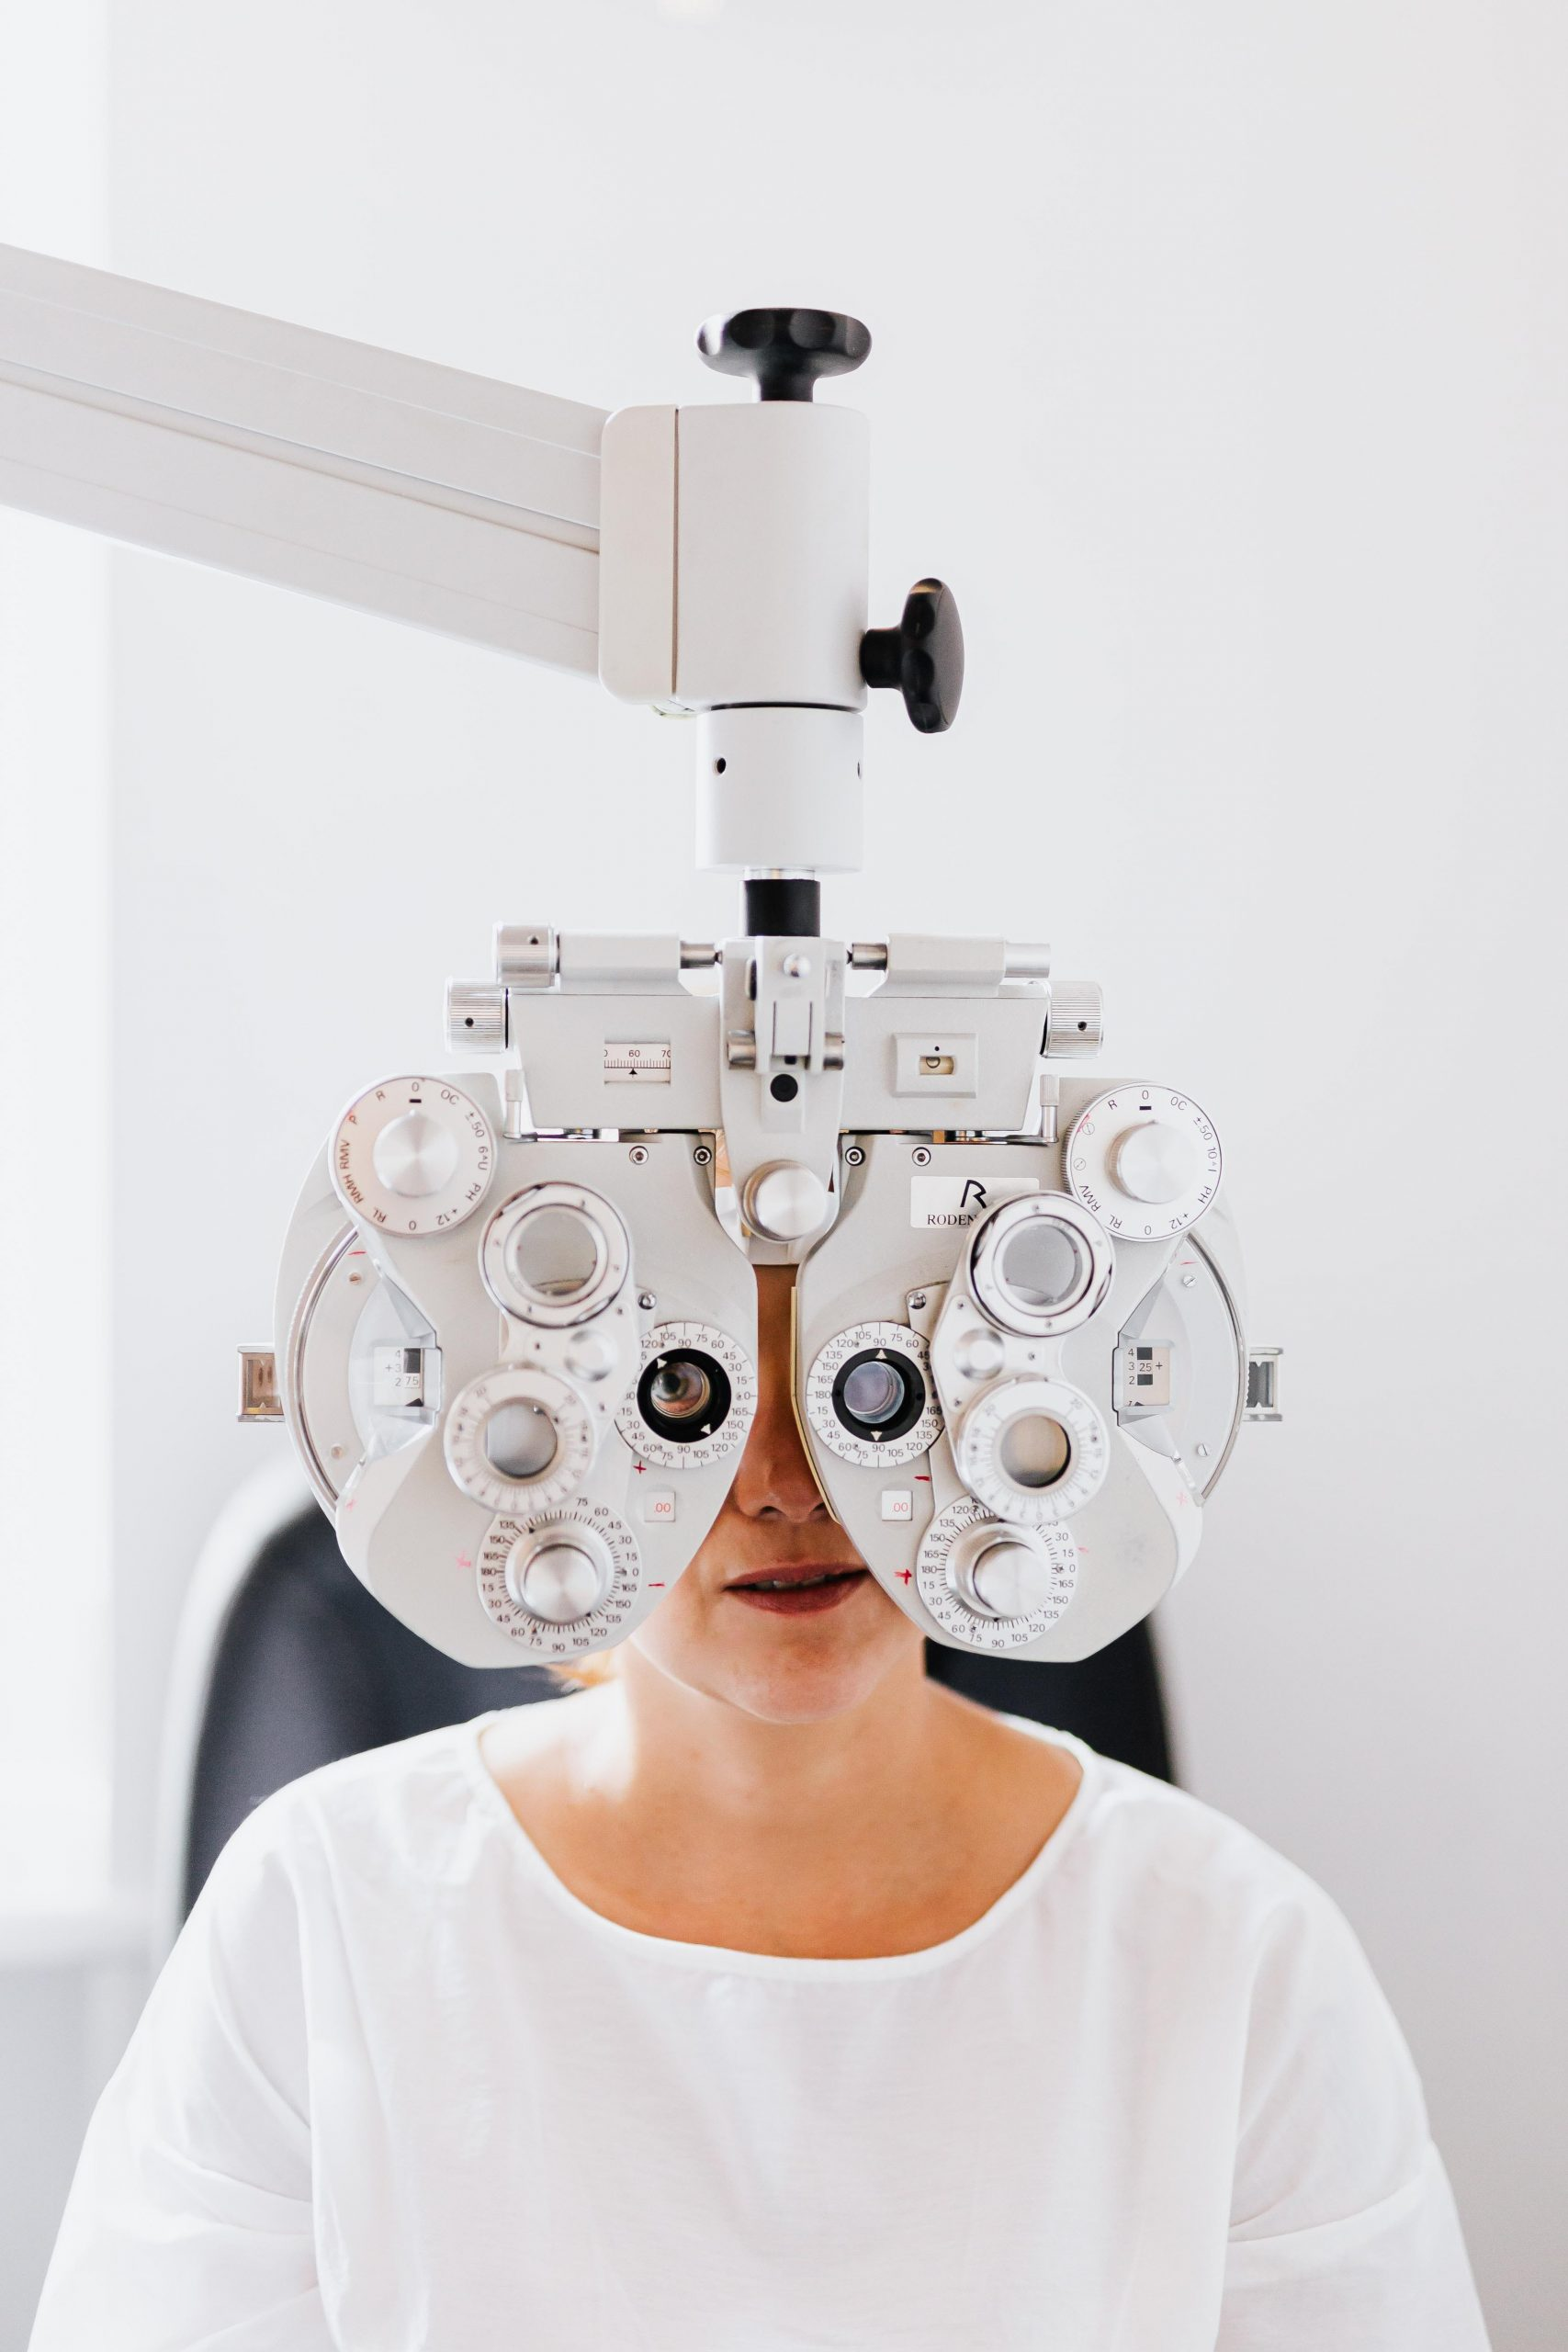 gratis oogtest oogmeting oogscreening sterkte ogen optiek de groeve herent opticien